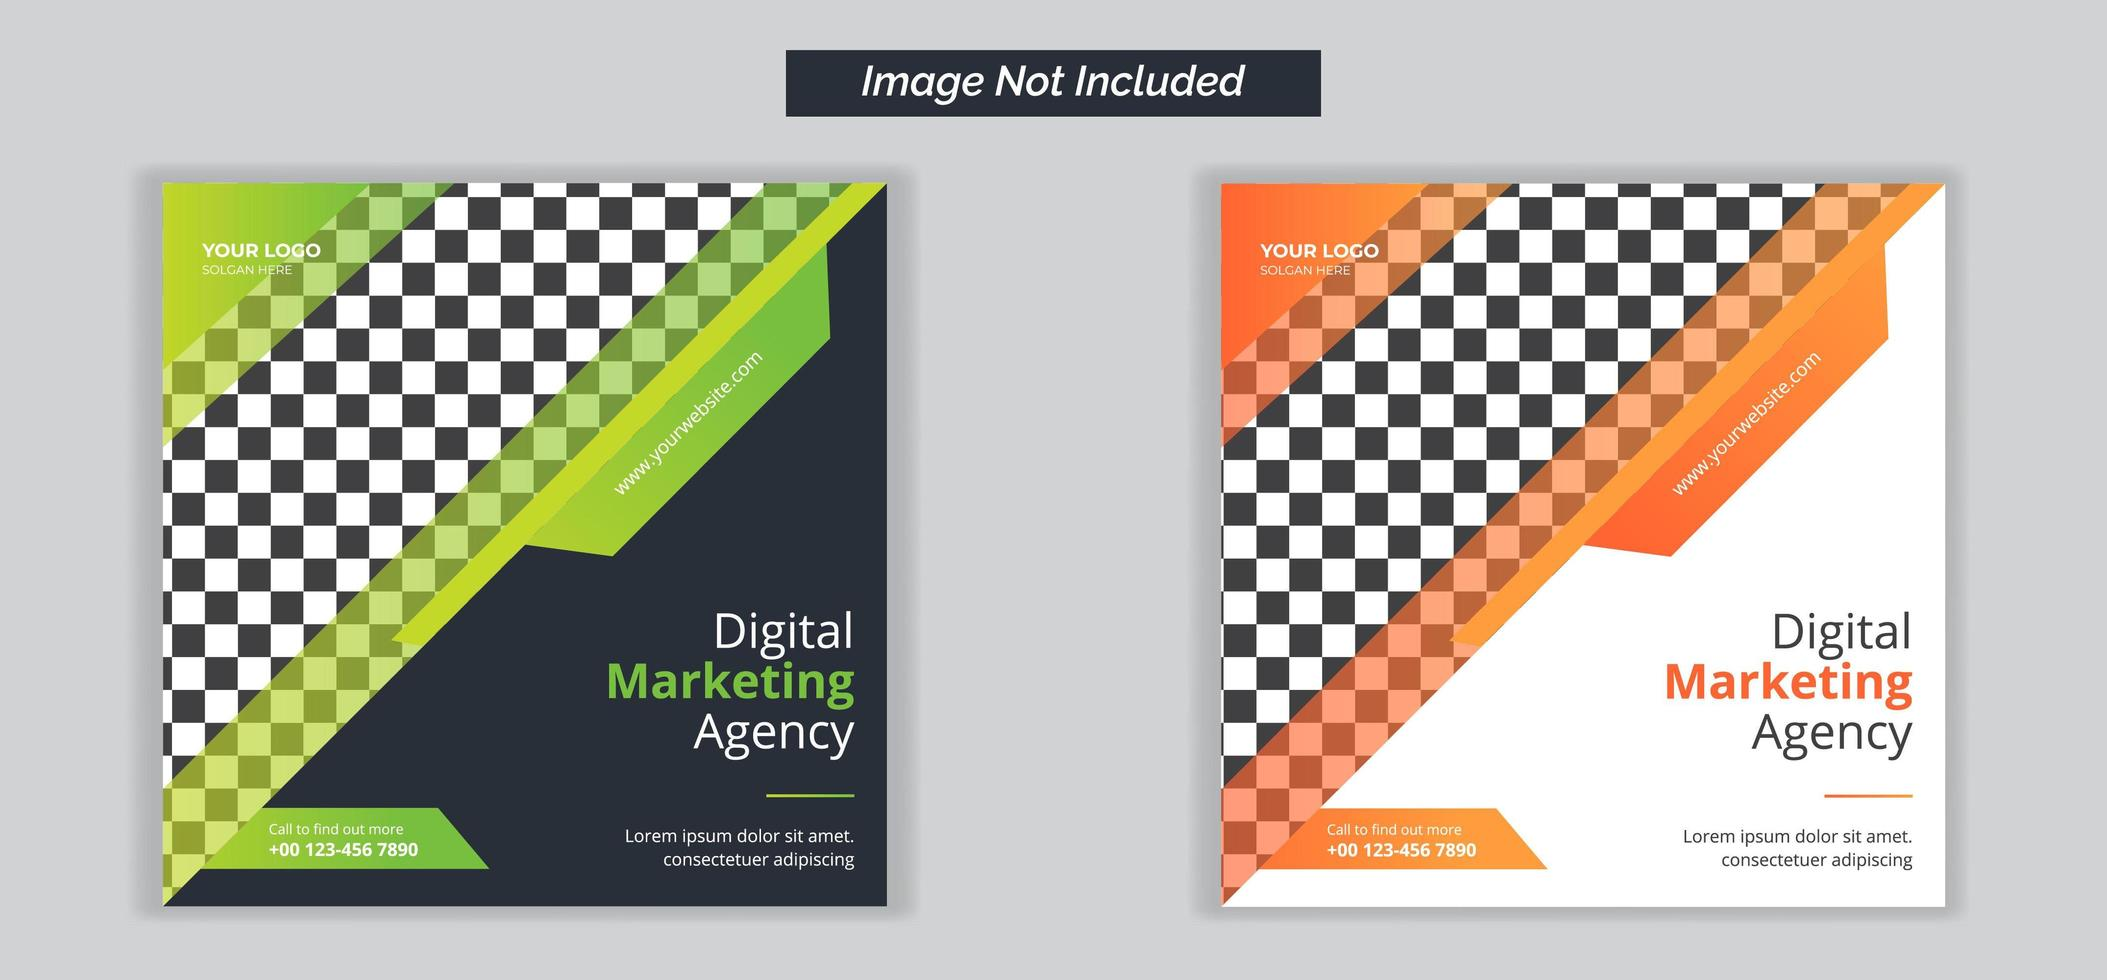 banners för sociala medier för digital marknadsföringsbyrå vektor